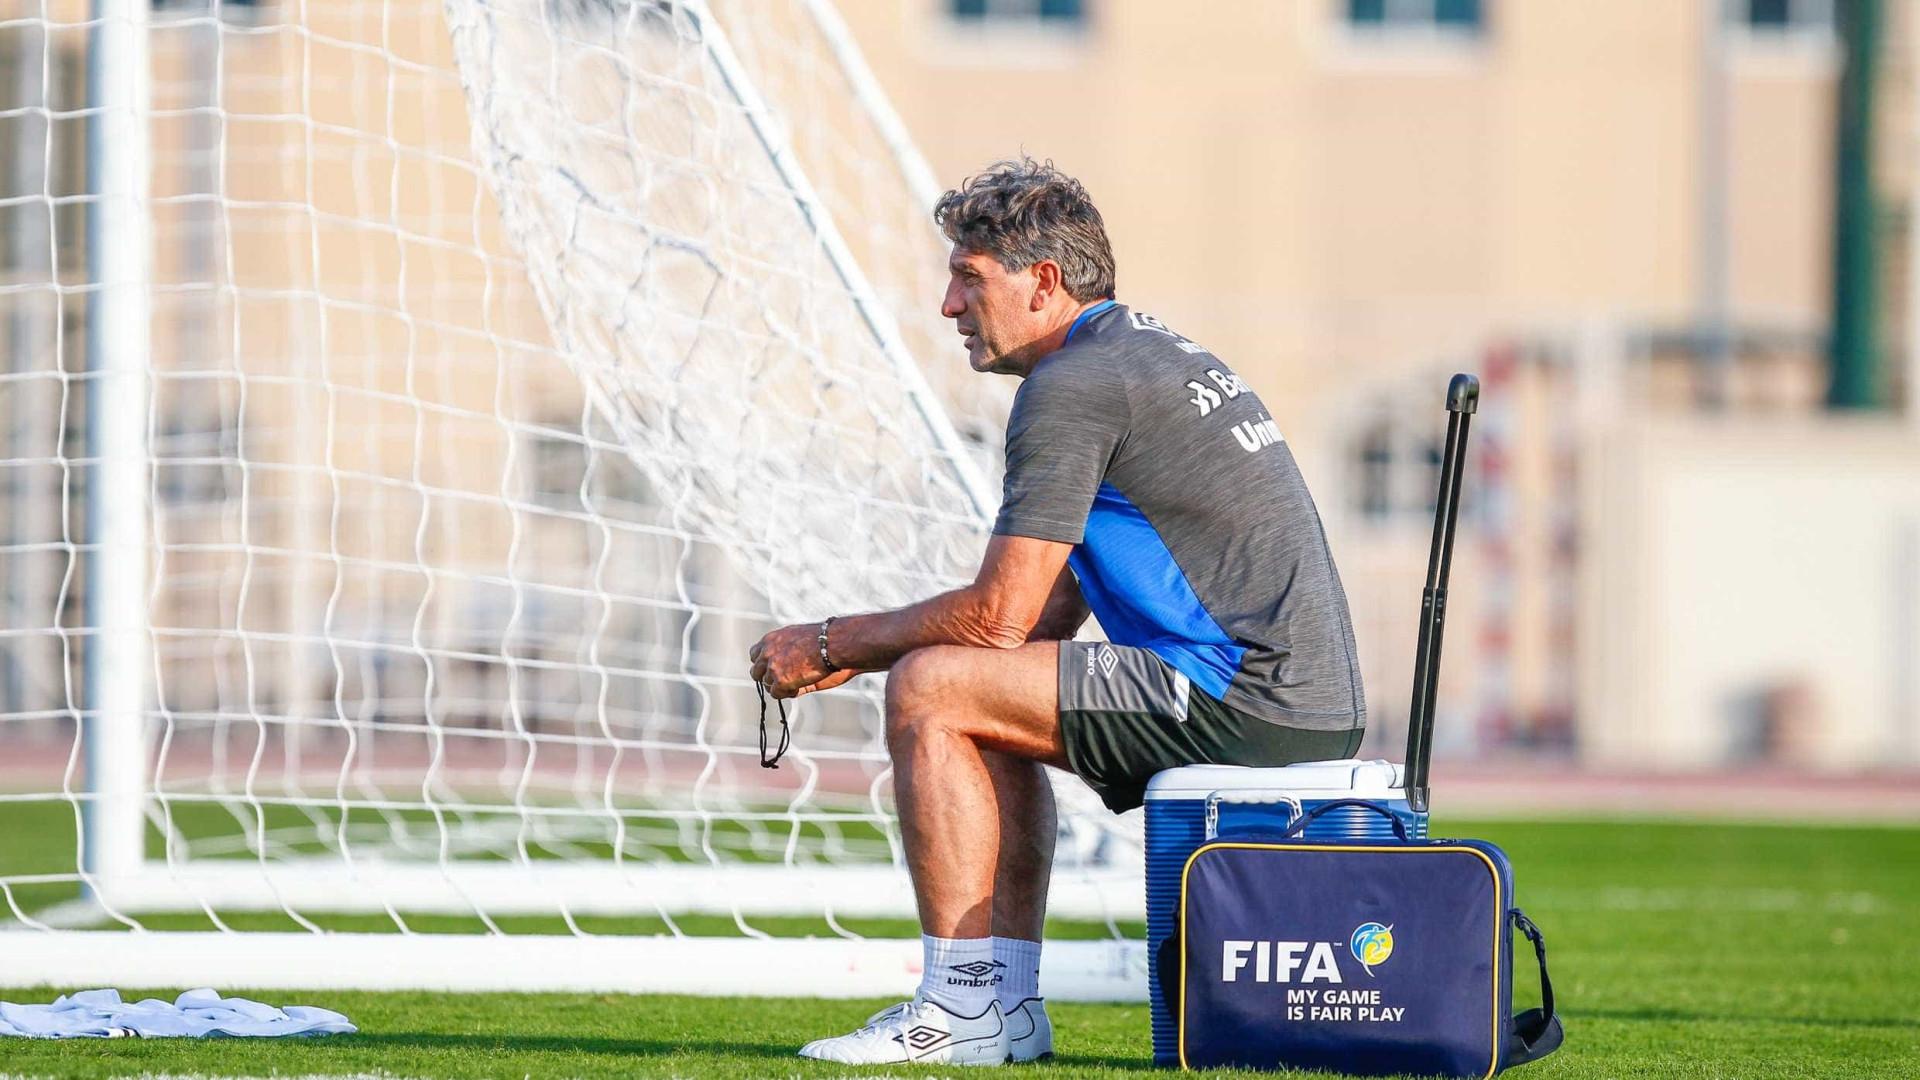 Grêmio e Renato Gaúcho se encontram, mas renovação ainda não é definida